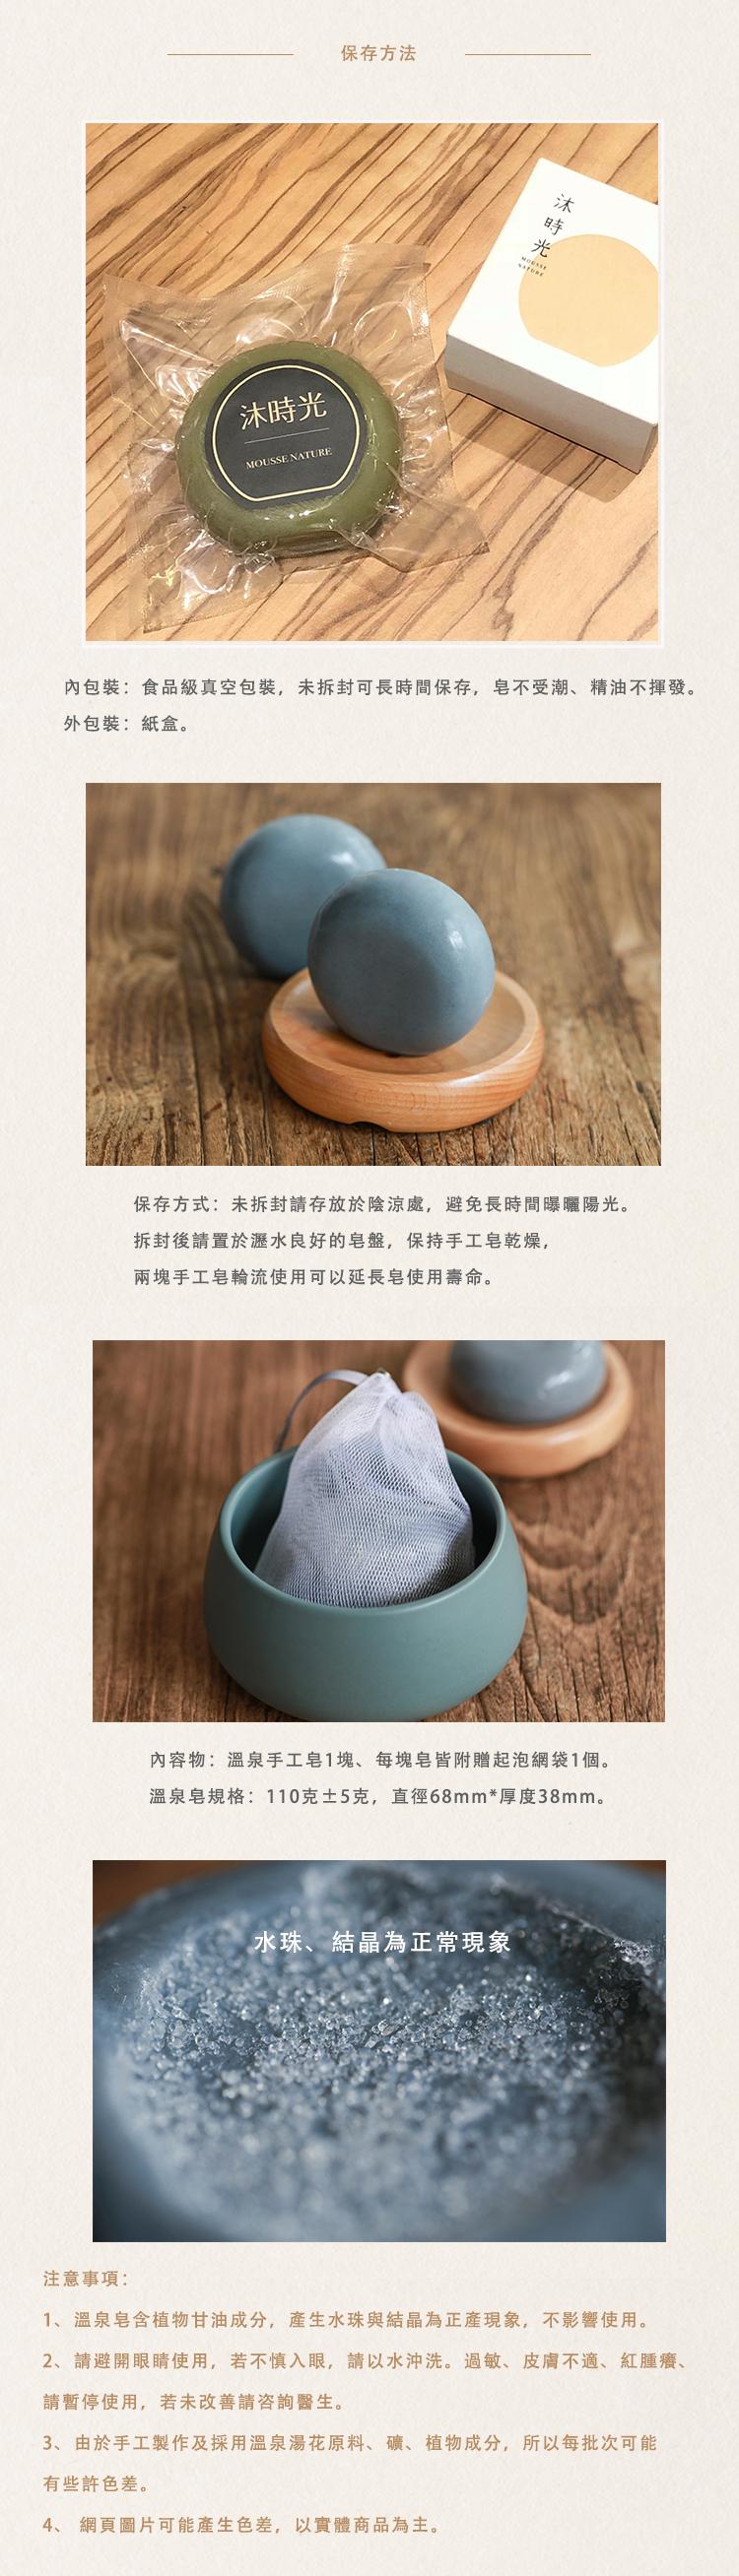 沐時光溫泉手工皂洗臉皂洗澡皂推薦